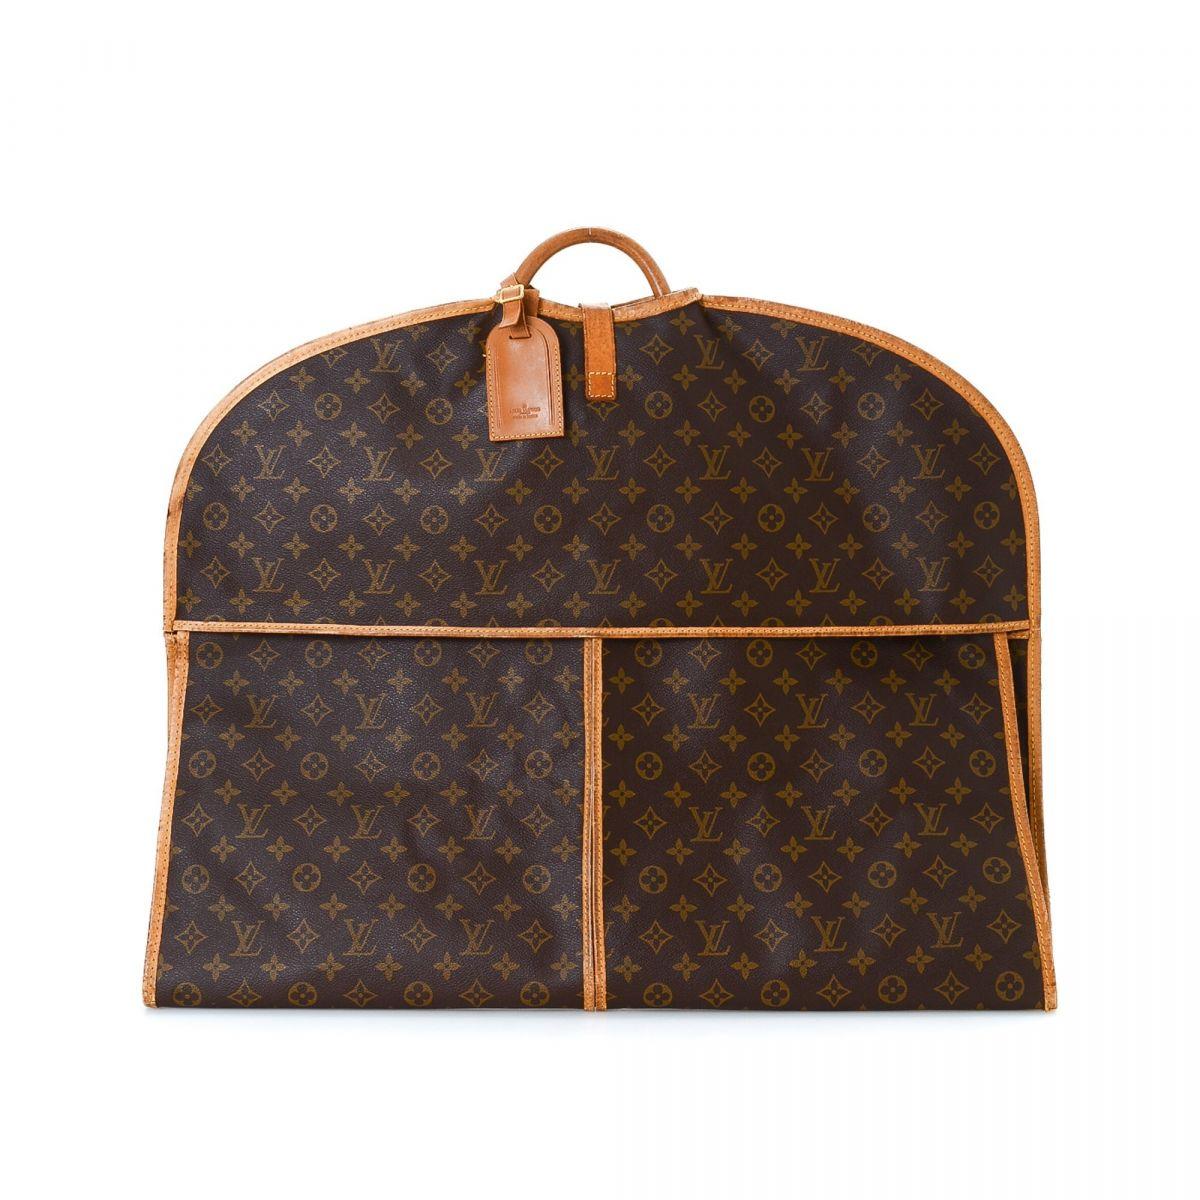 Louis vuitton housse porte habits homme garment bag monogram coated canvas lxrandco pre - Porte carte homme louis vuitton ...